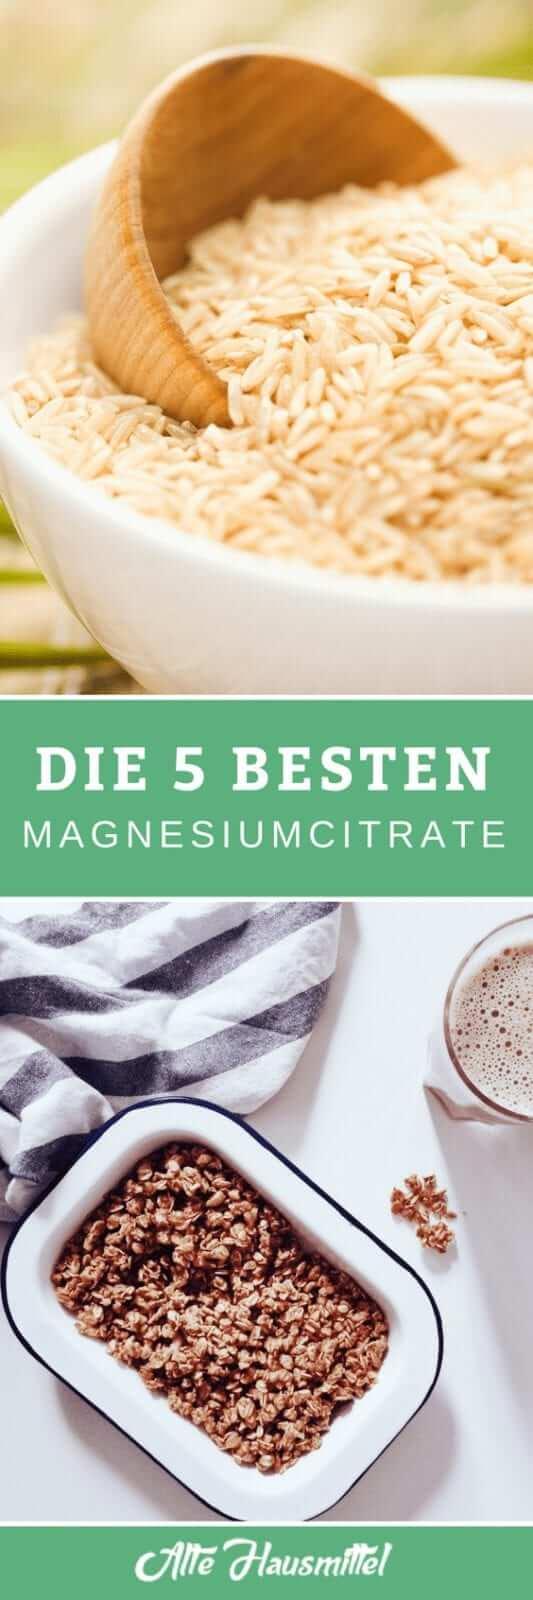 Die besten Magnesiumcitrate im Test & Vergleich